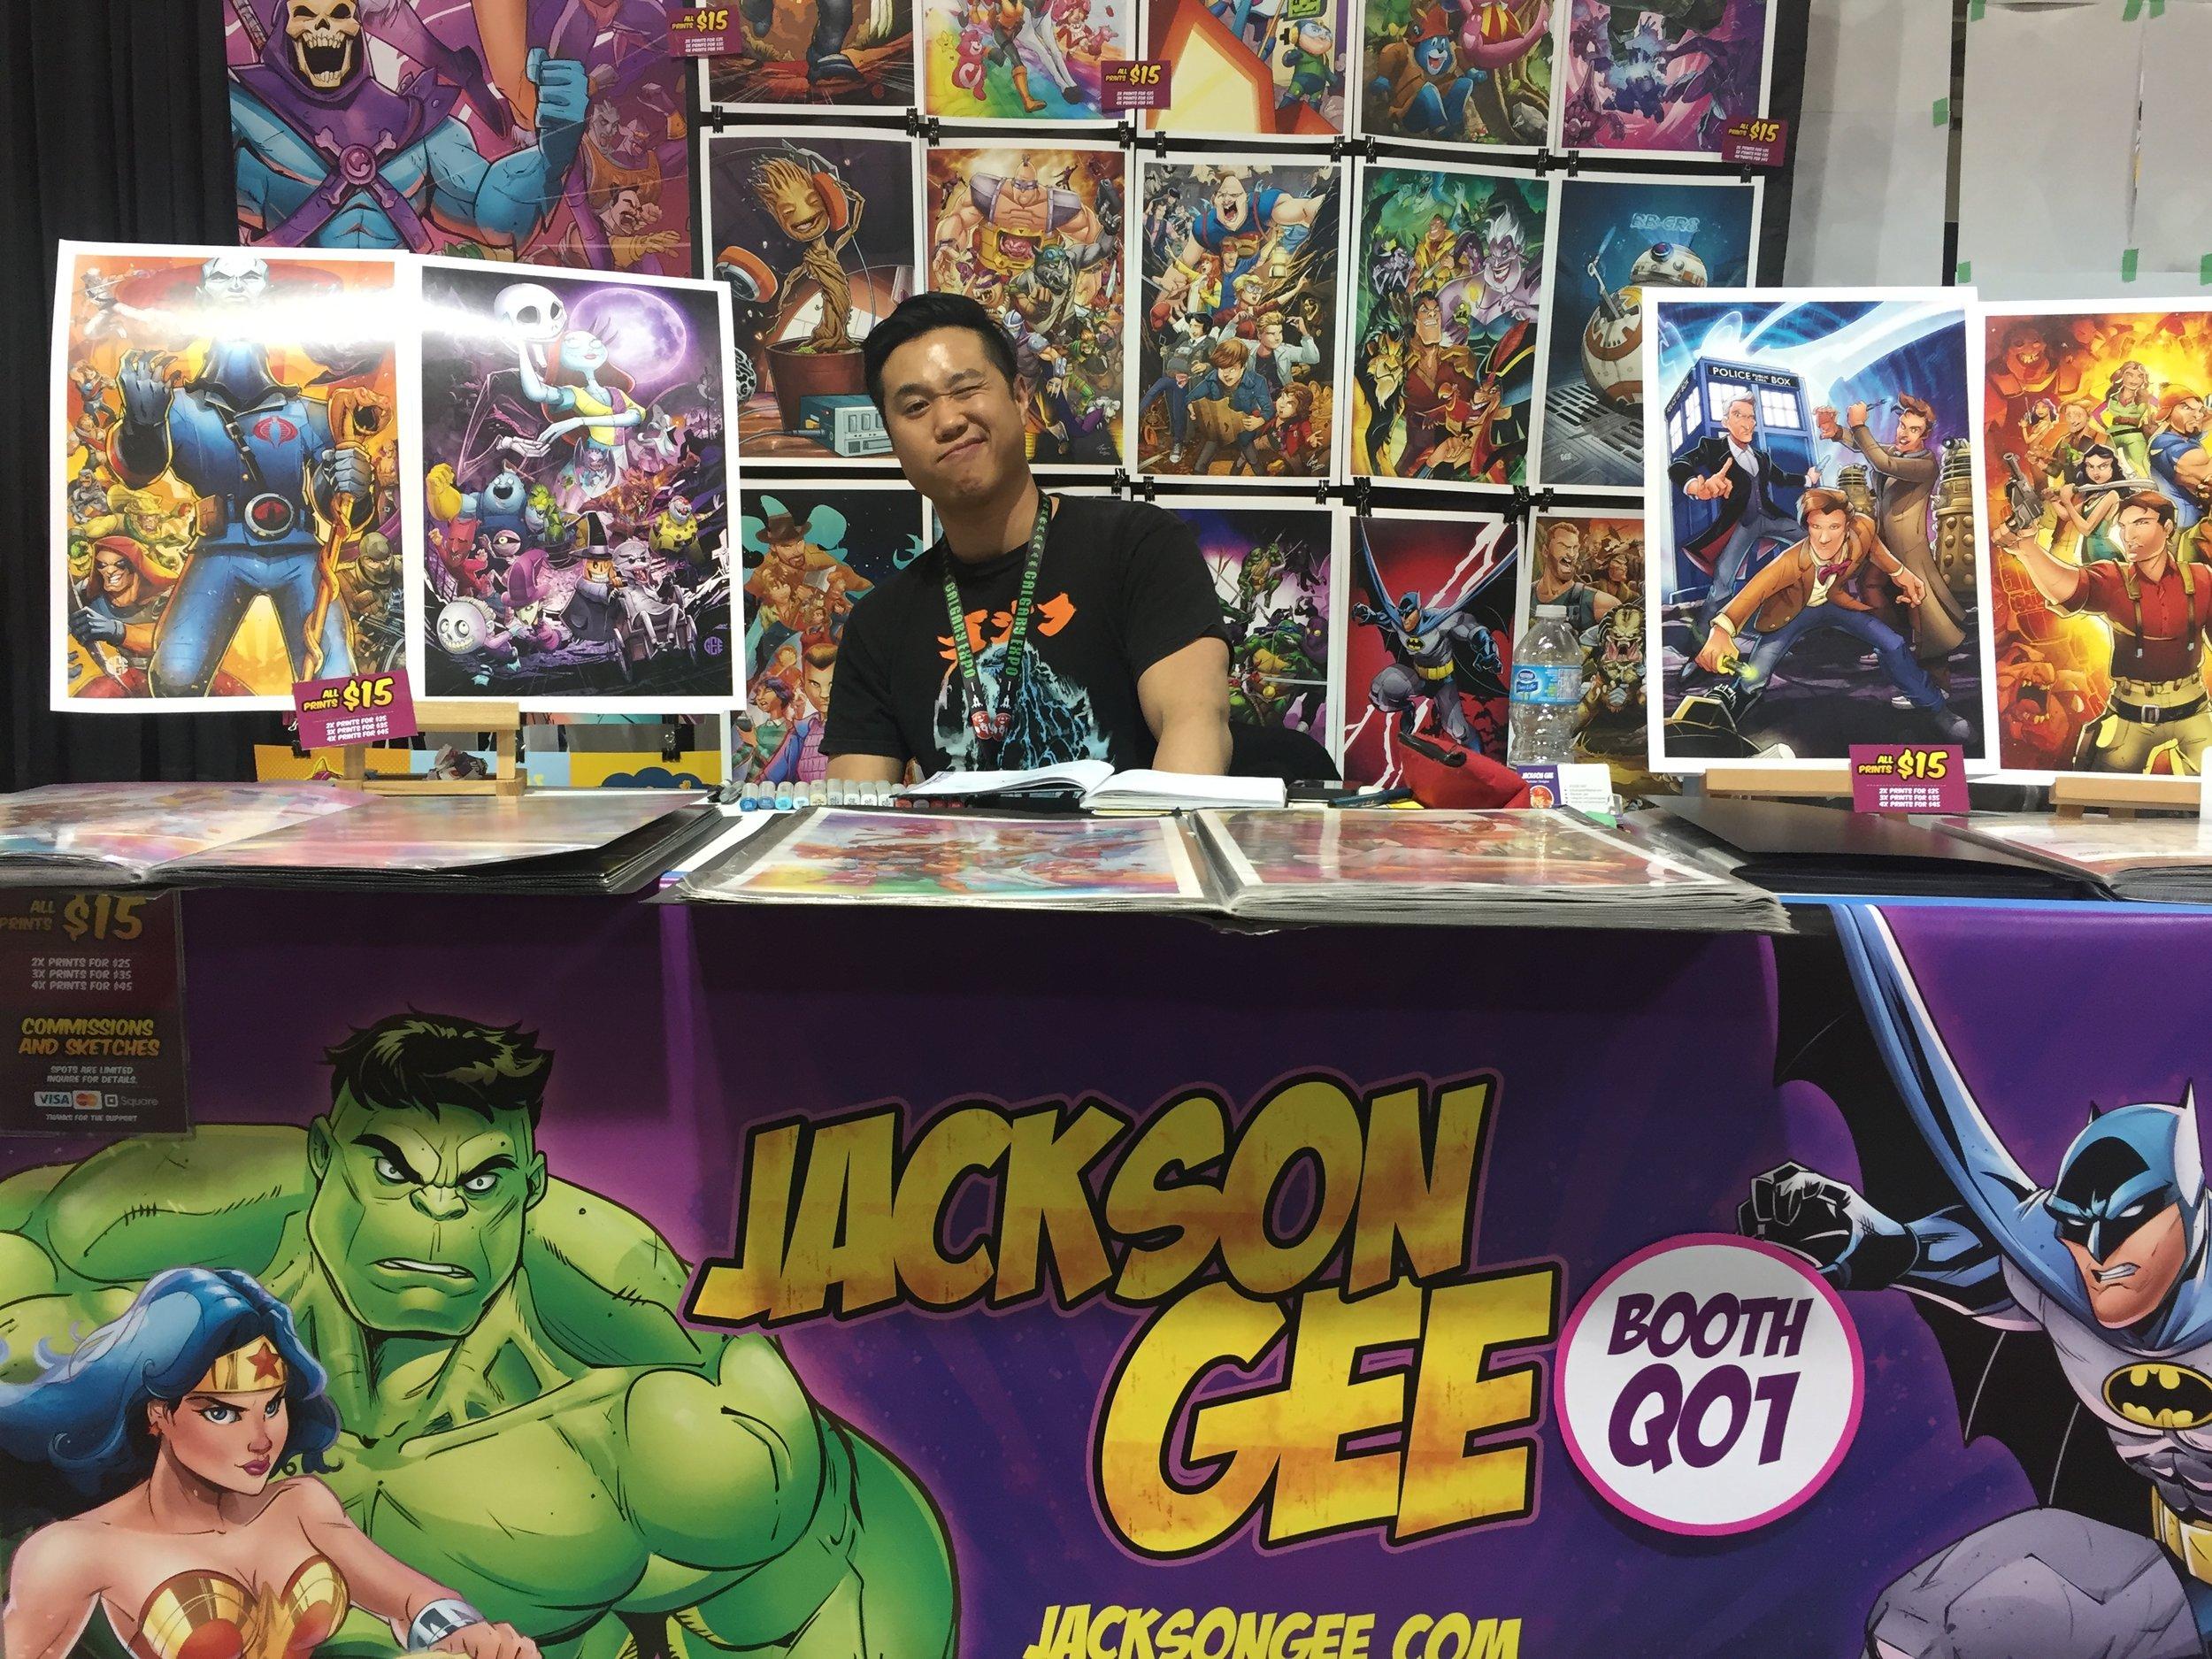 Jackson Gee - Booth Q01  (Photo credit: Chris Doucher/GeekNerdNet.com)